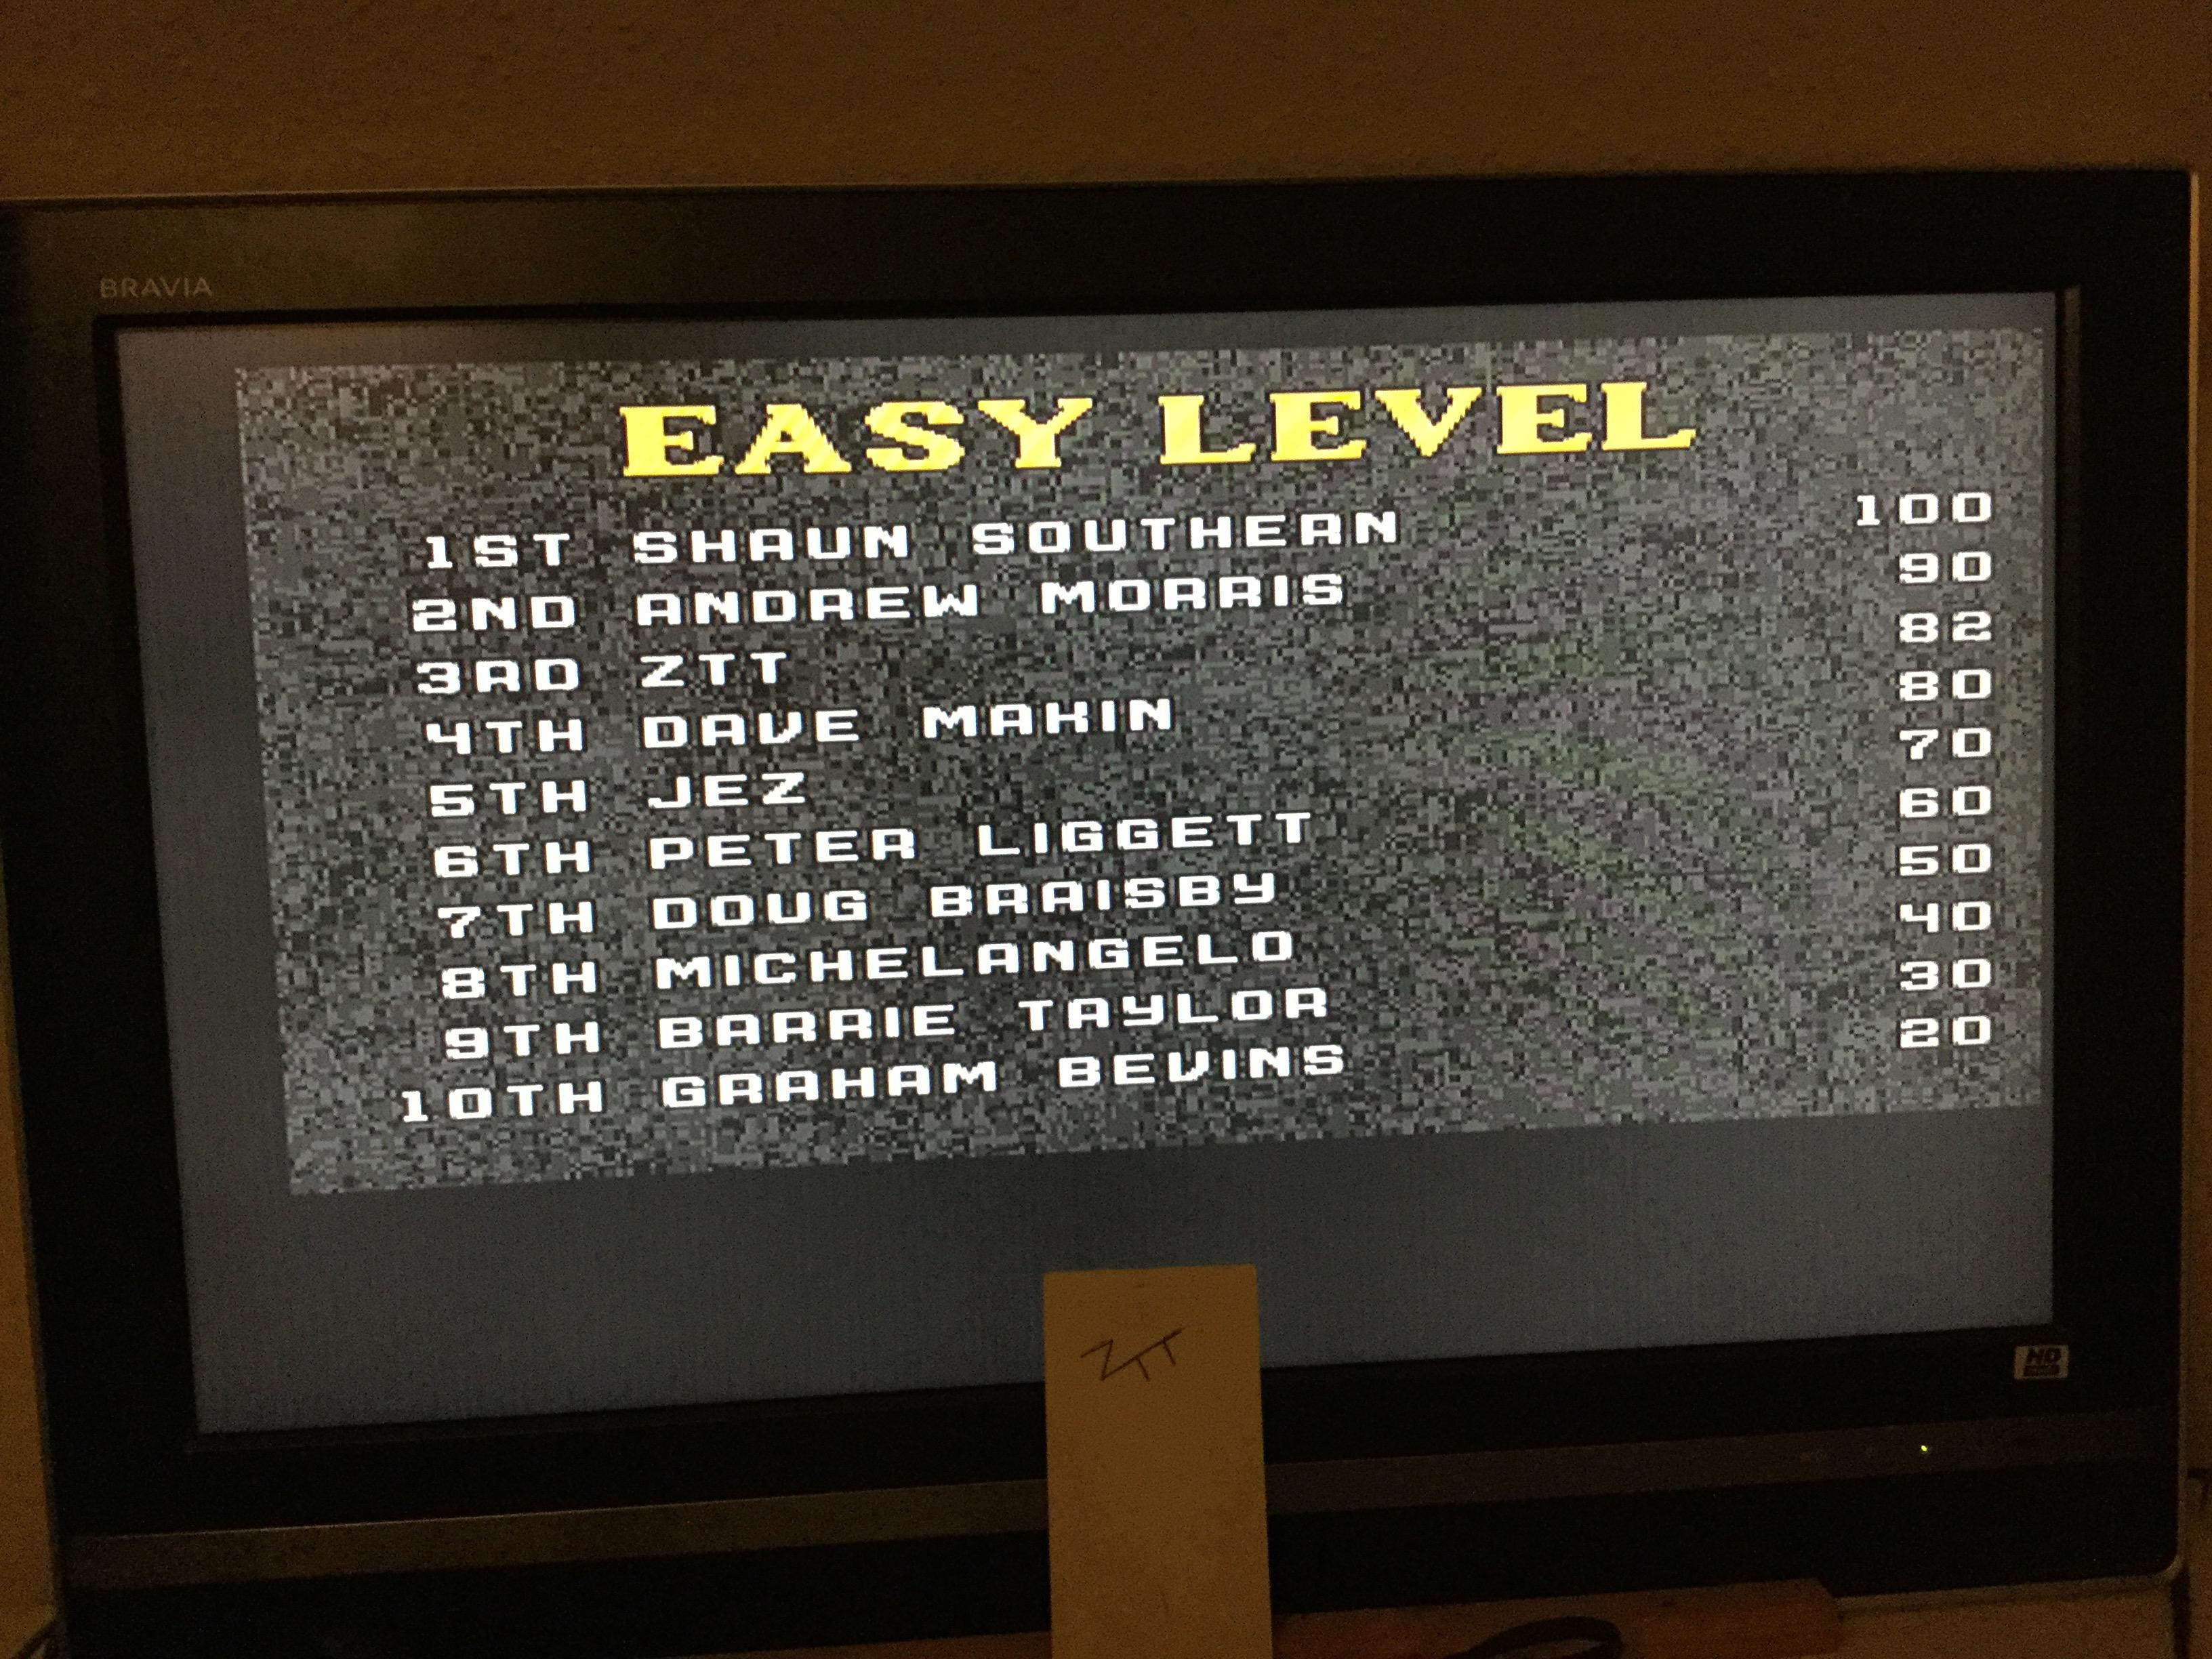 Frankie: Lotus Turbo Challenge: Easy (Amiga) 82 points on 2017-12-01 12:33:18